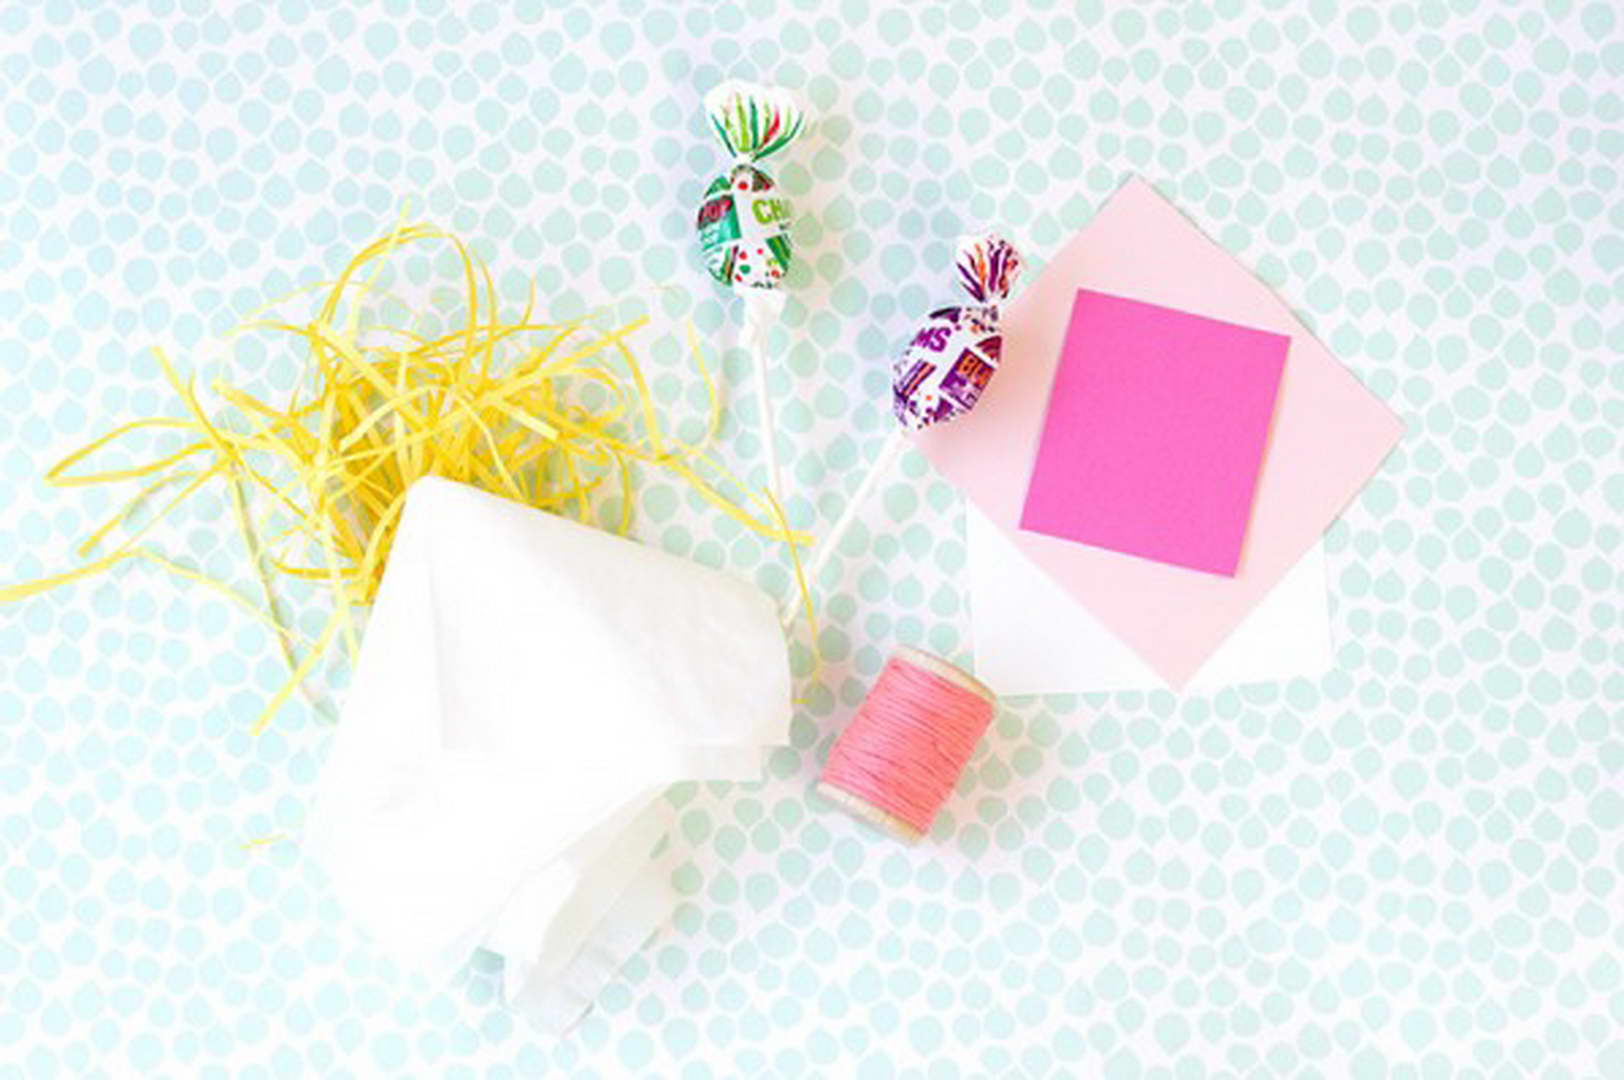 húsvérti nyuszi és húsvéti dekoráció ami nyalóka - elkészítés